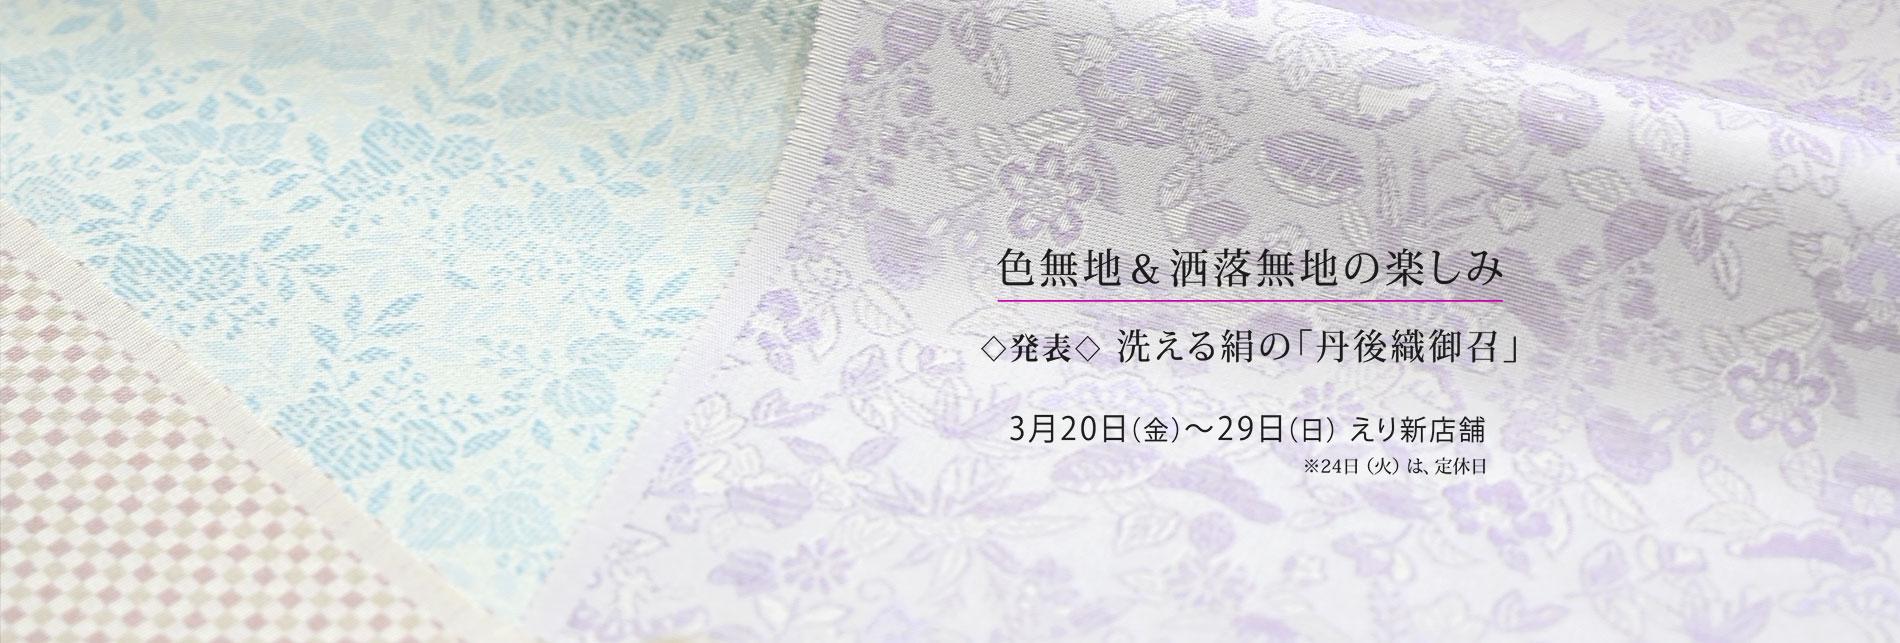 色無地&洒落無地の楽しみ 洗える絹の「丹後織御召」発表